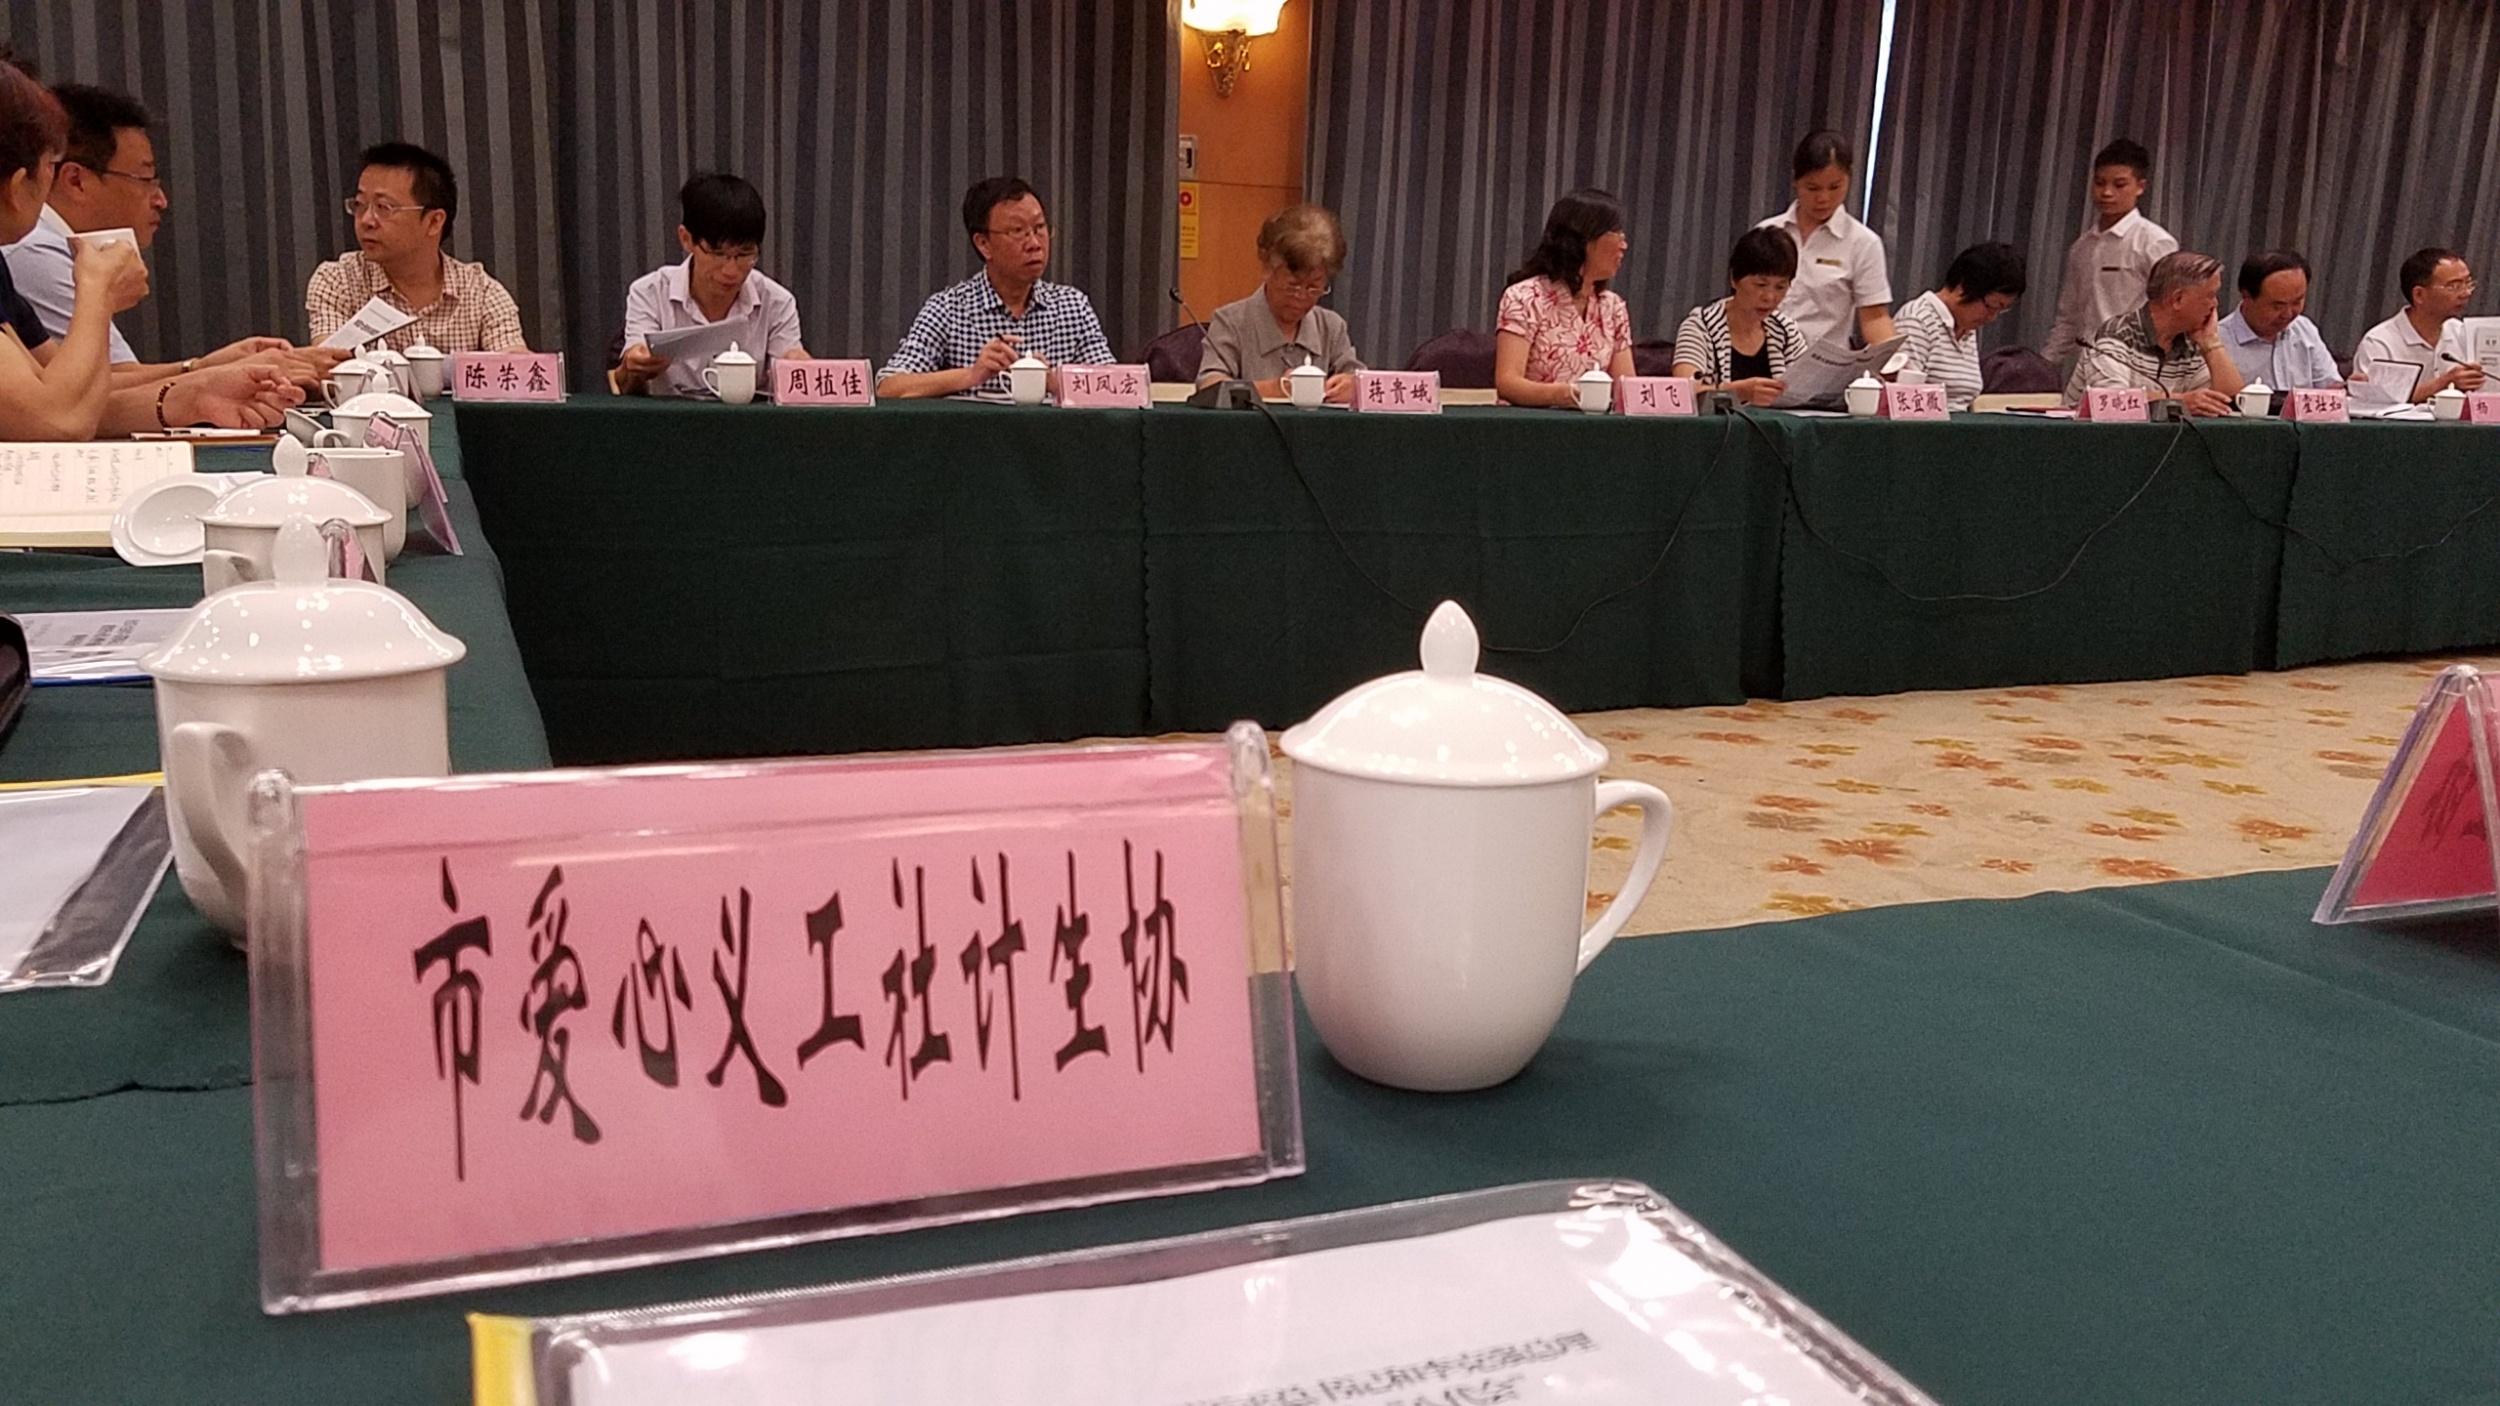 计生志愿服务经验分享活动(陈发琳 市爱心义工社)